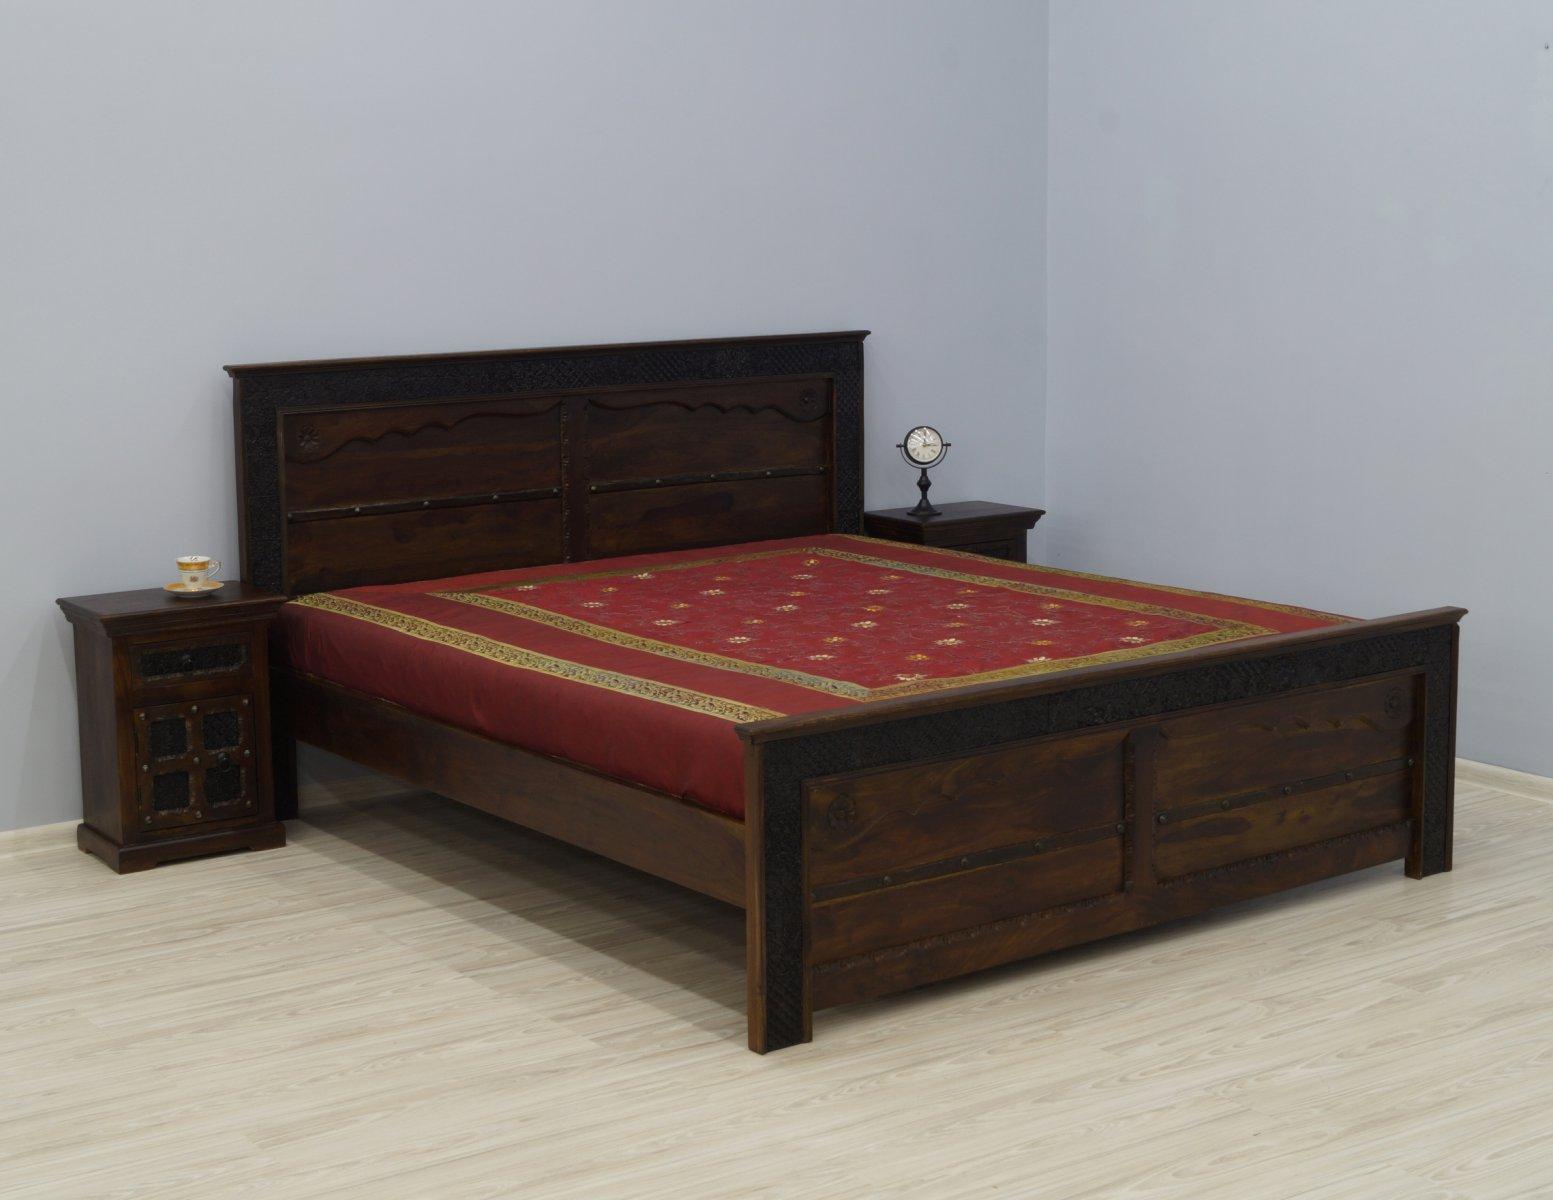 Łóżko kolonialne lite drewno palisander indyjski ręcznie rzeźbione ciemny brąz